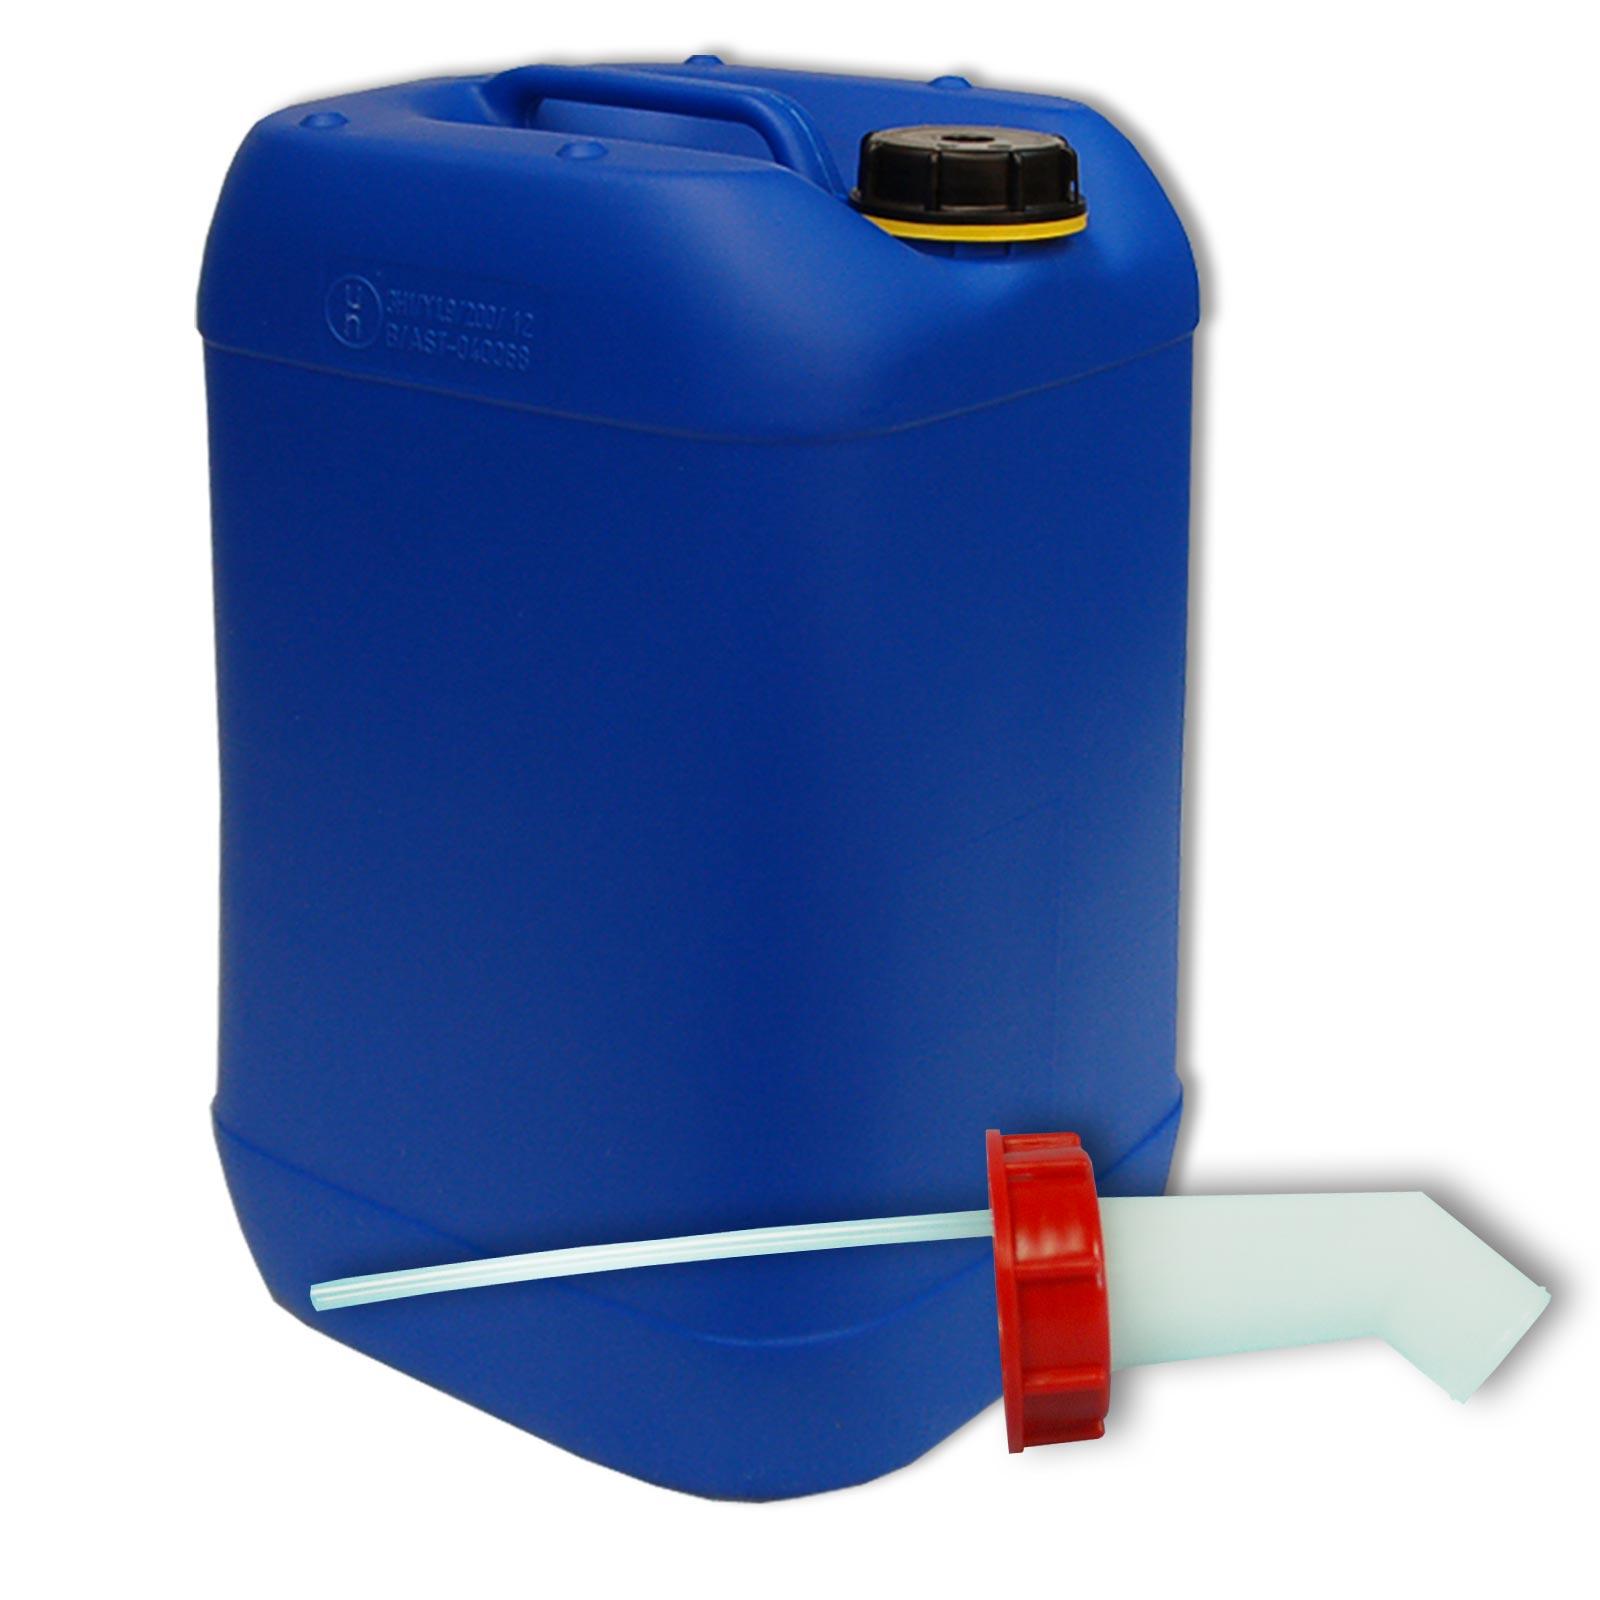 25 liter kanister blau schnellausgie er din61. Black Bedroom Furniture Sets. Home Design Ideas